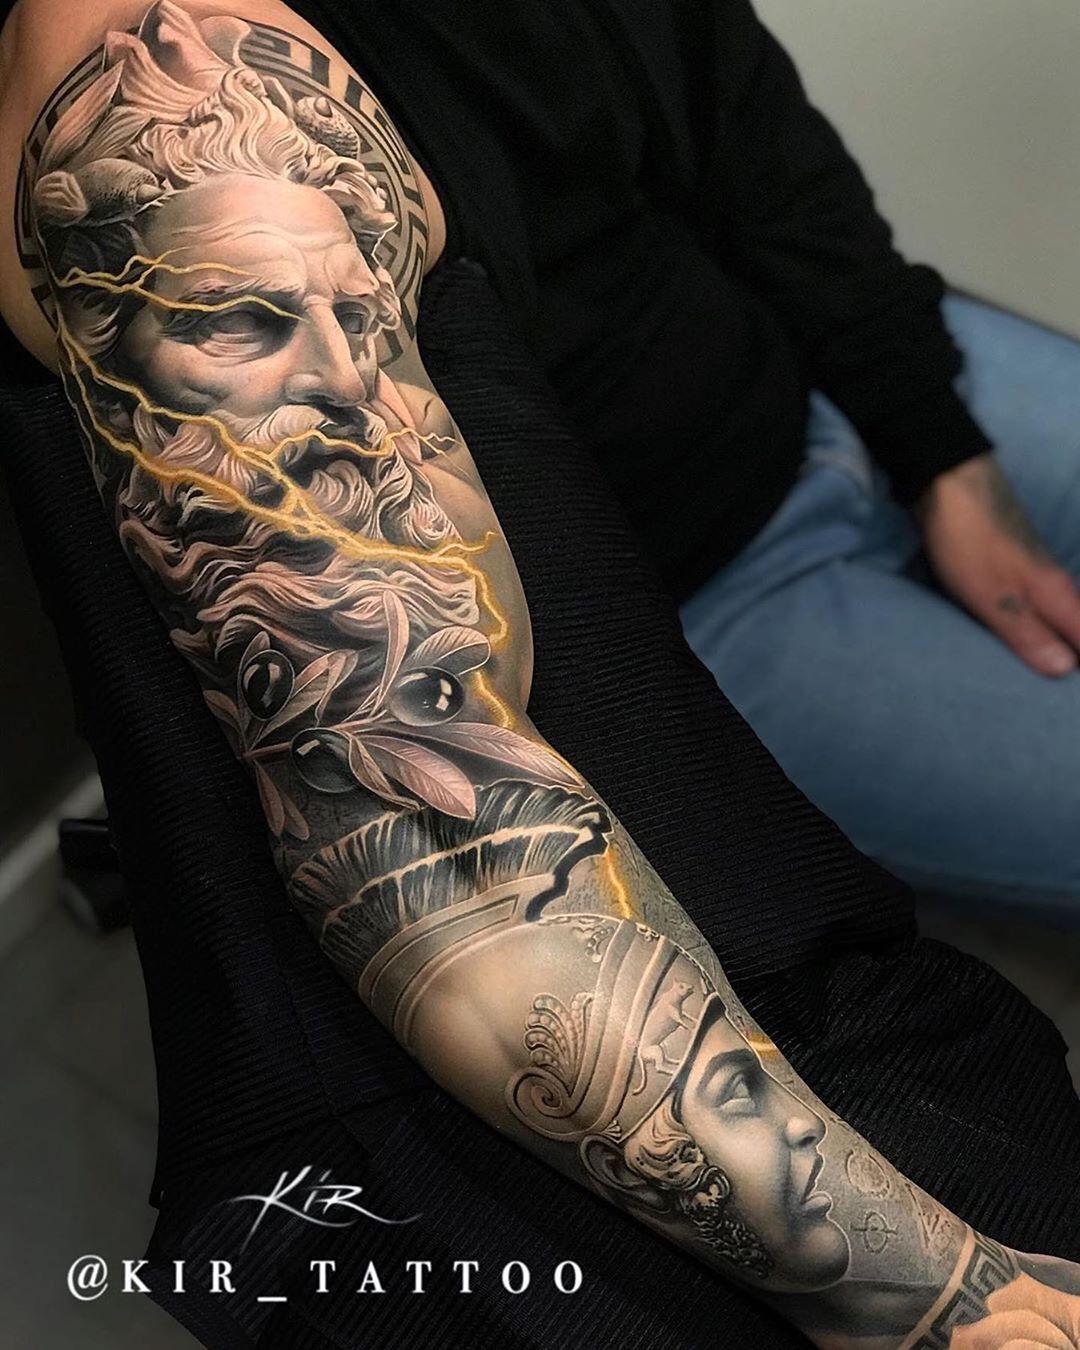 Tatuirovannyj Mir Tren Instagram Tattoo Artist Kir Tattoo Tattooloveart In 2020 Mythology Tattoos Greek Tattoos Greek Mythology Tattoos